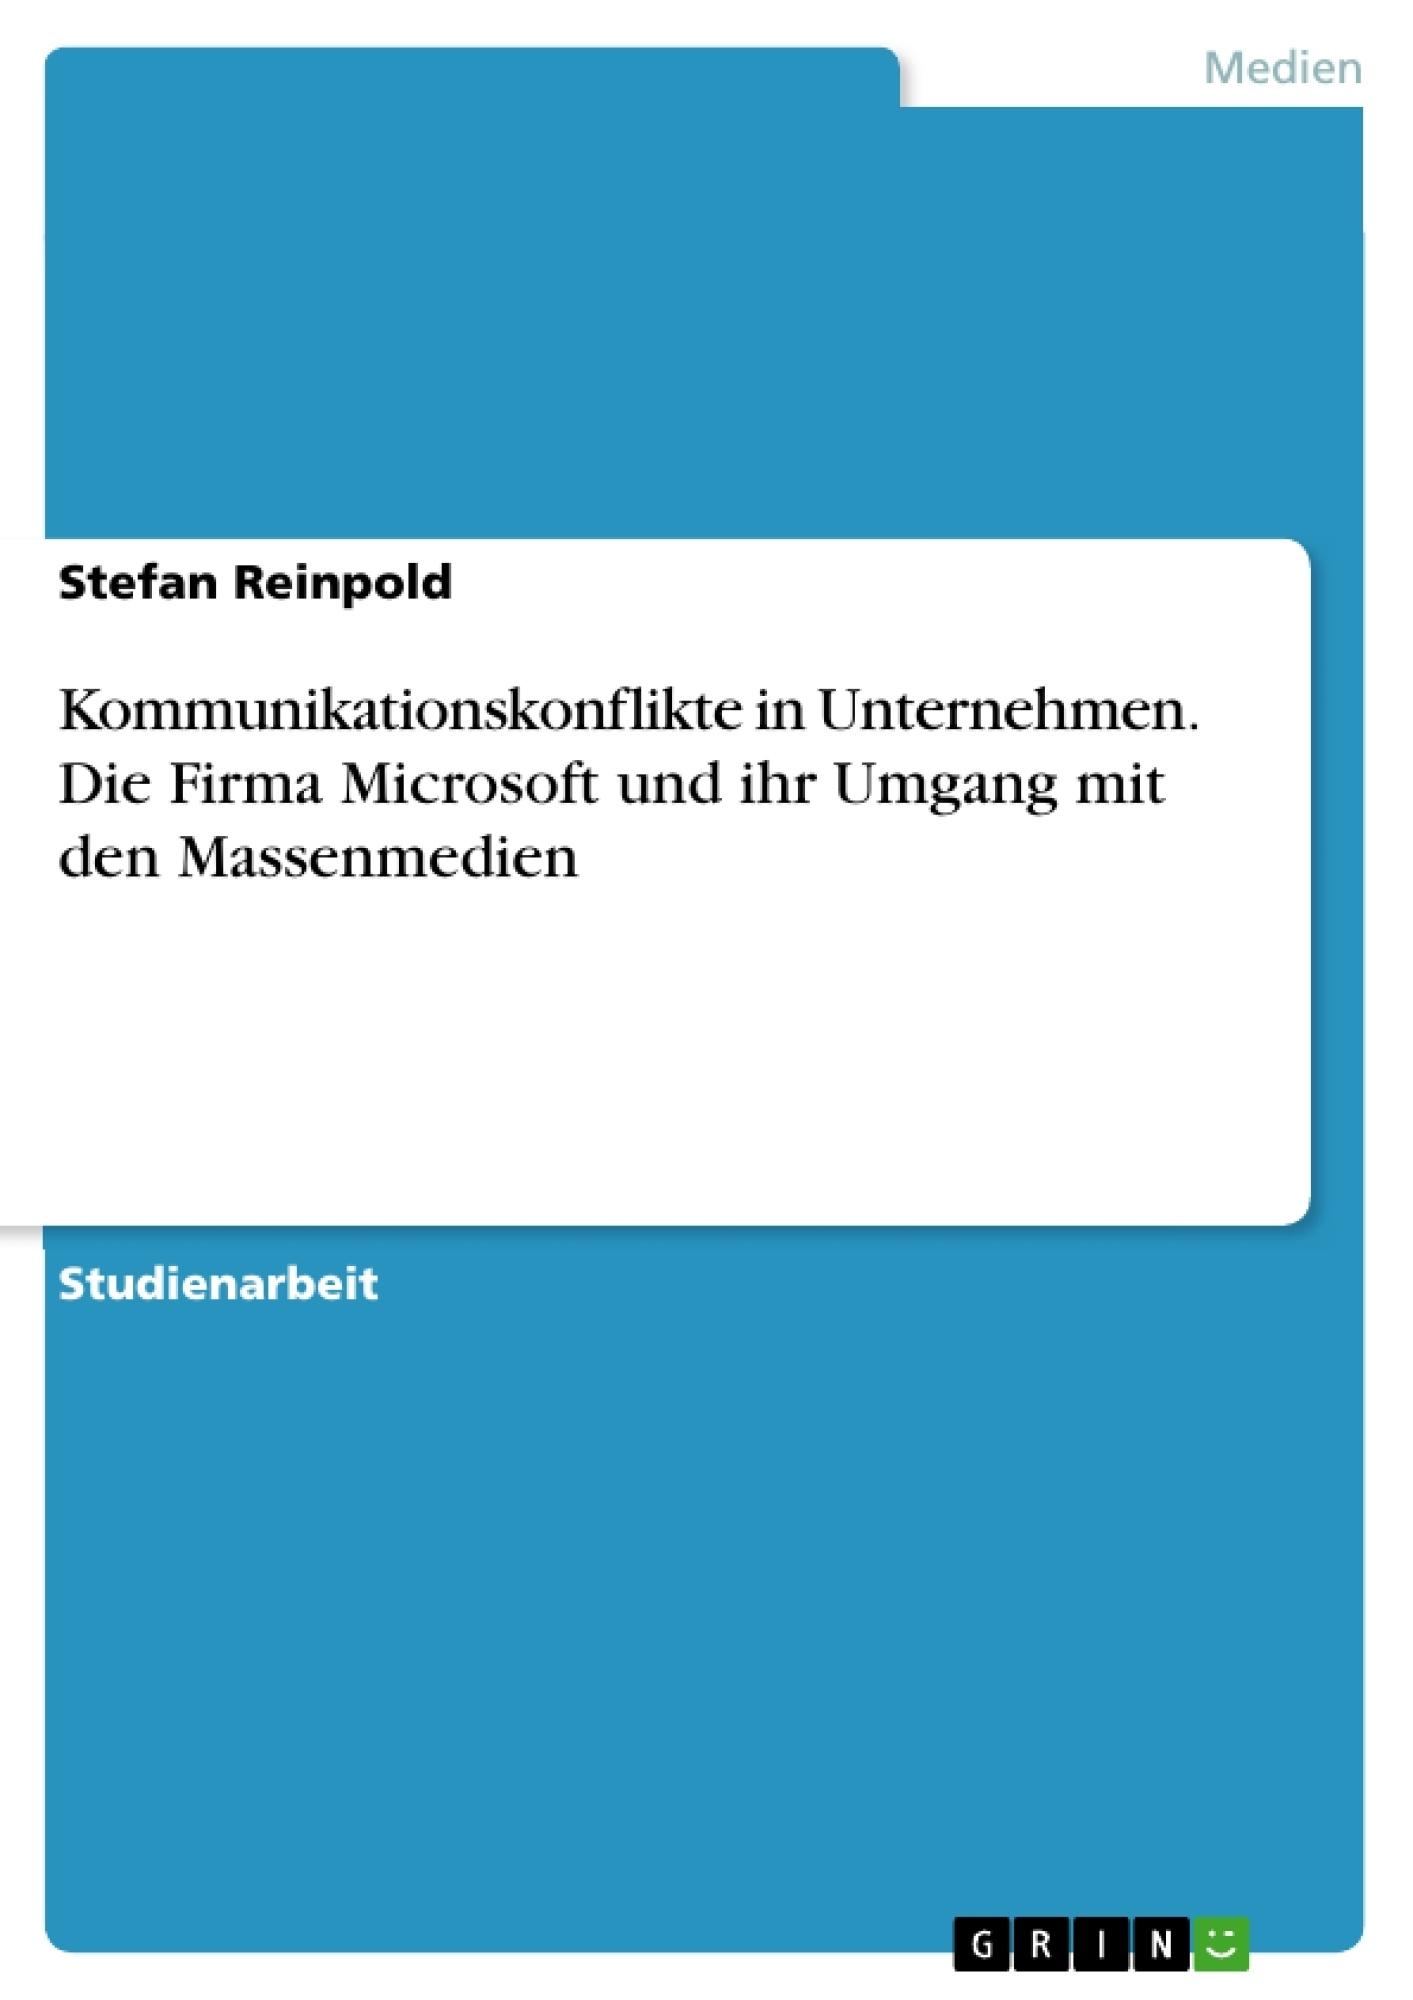 Titel: Kommunikationskonflikte in Unternehmen. Die Firma Microsoft und ihr Umgang mit den Massenmedien